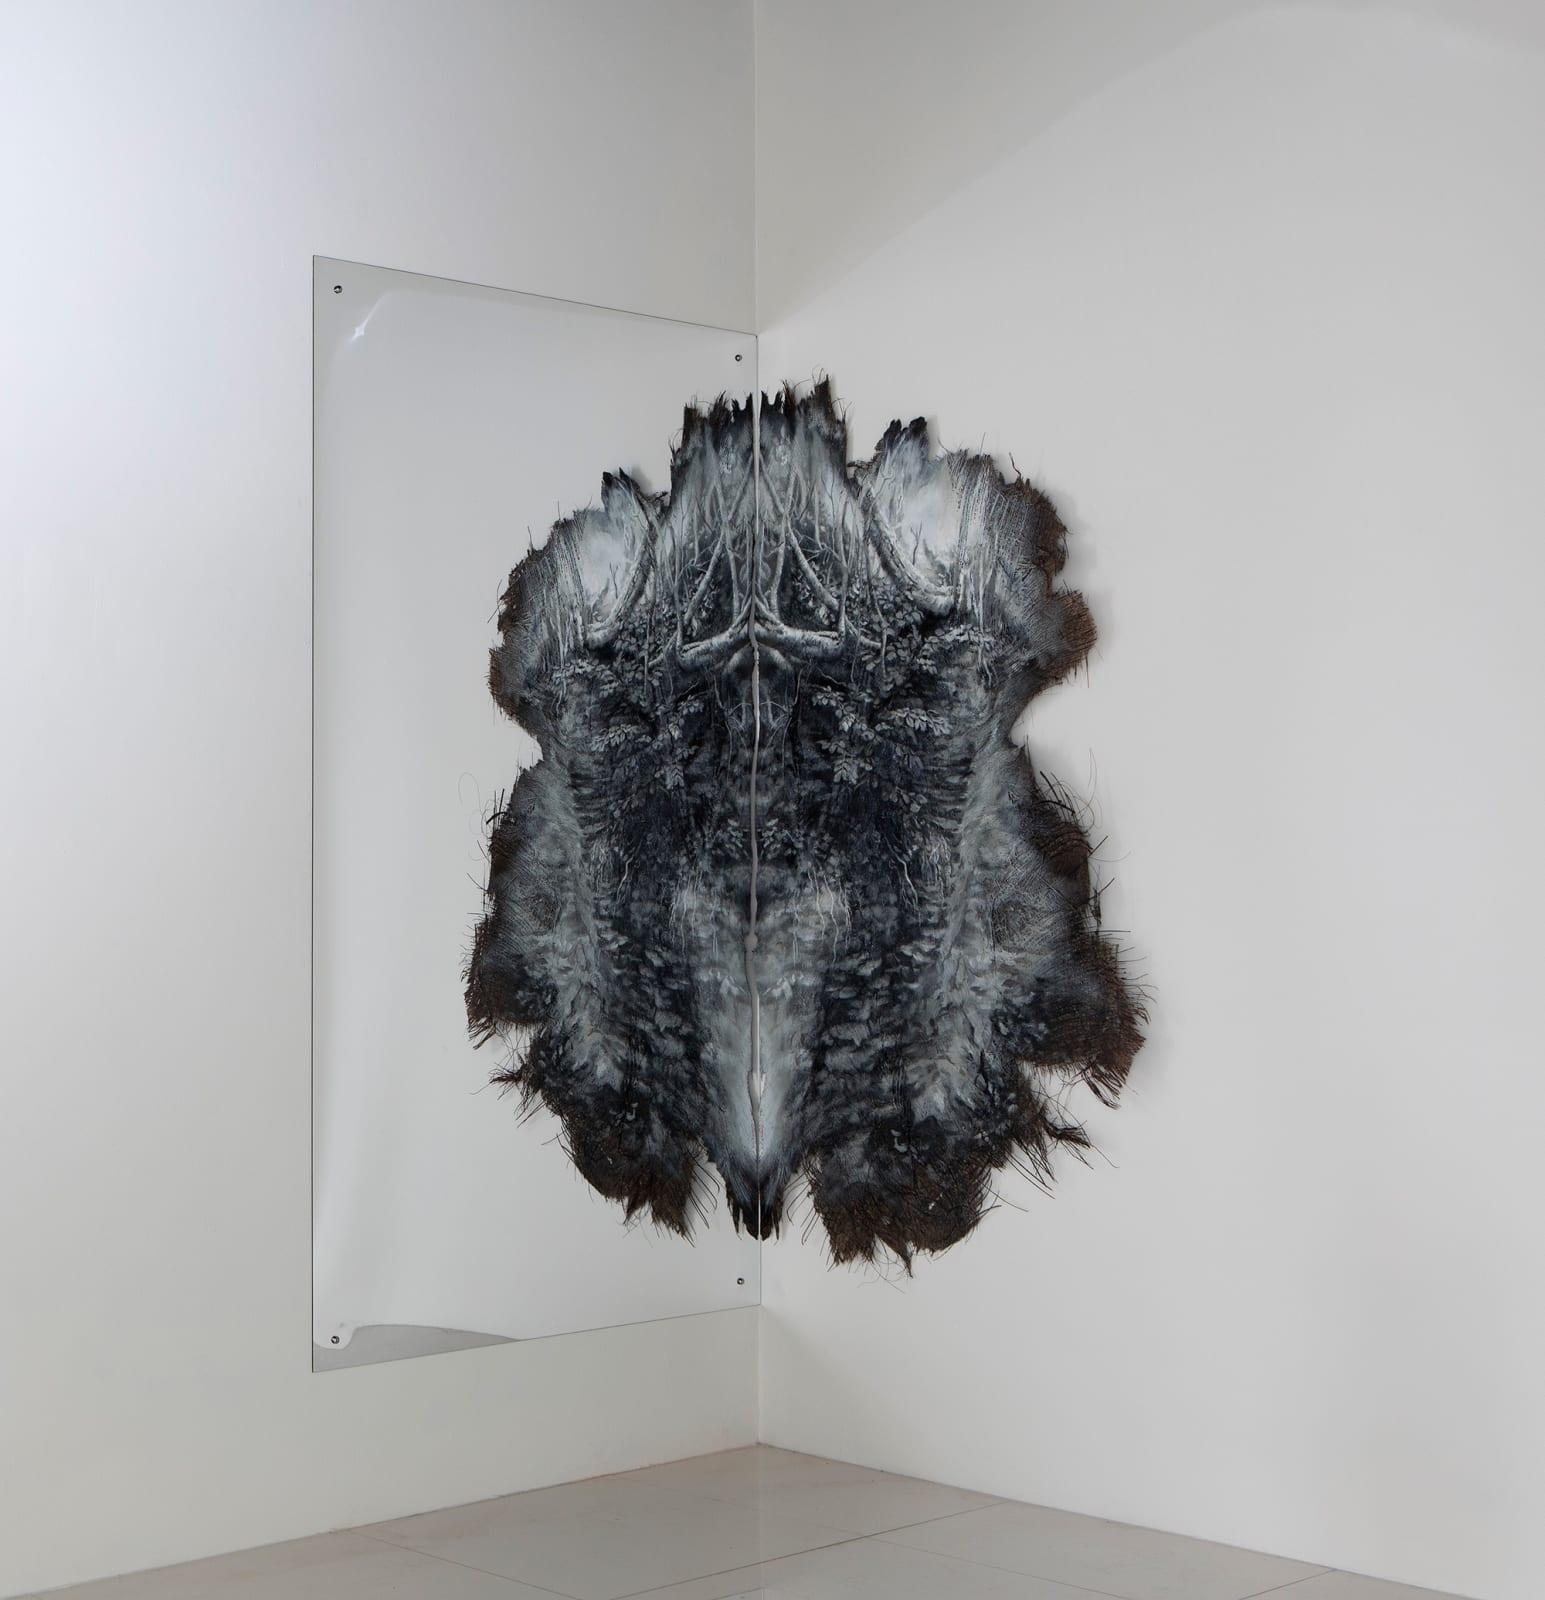 Jaco van Schalkwyk: Smoke and Mirrors